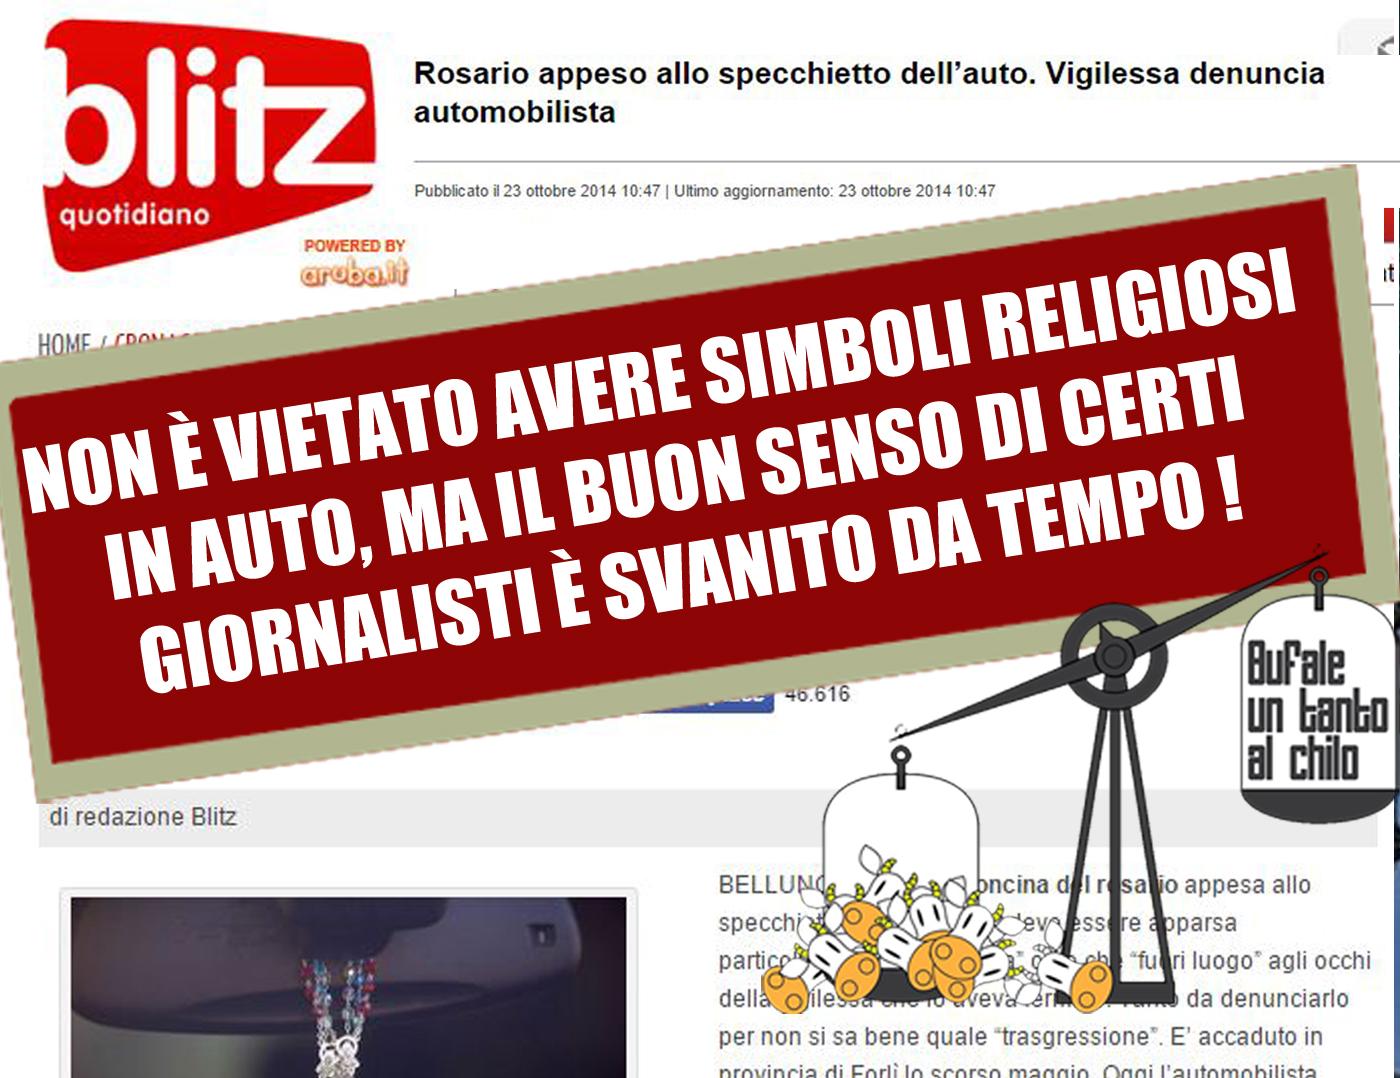 blitzquotidiano-croce-ROSARIO